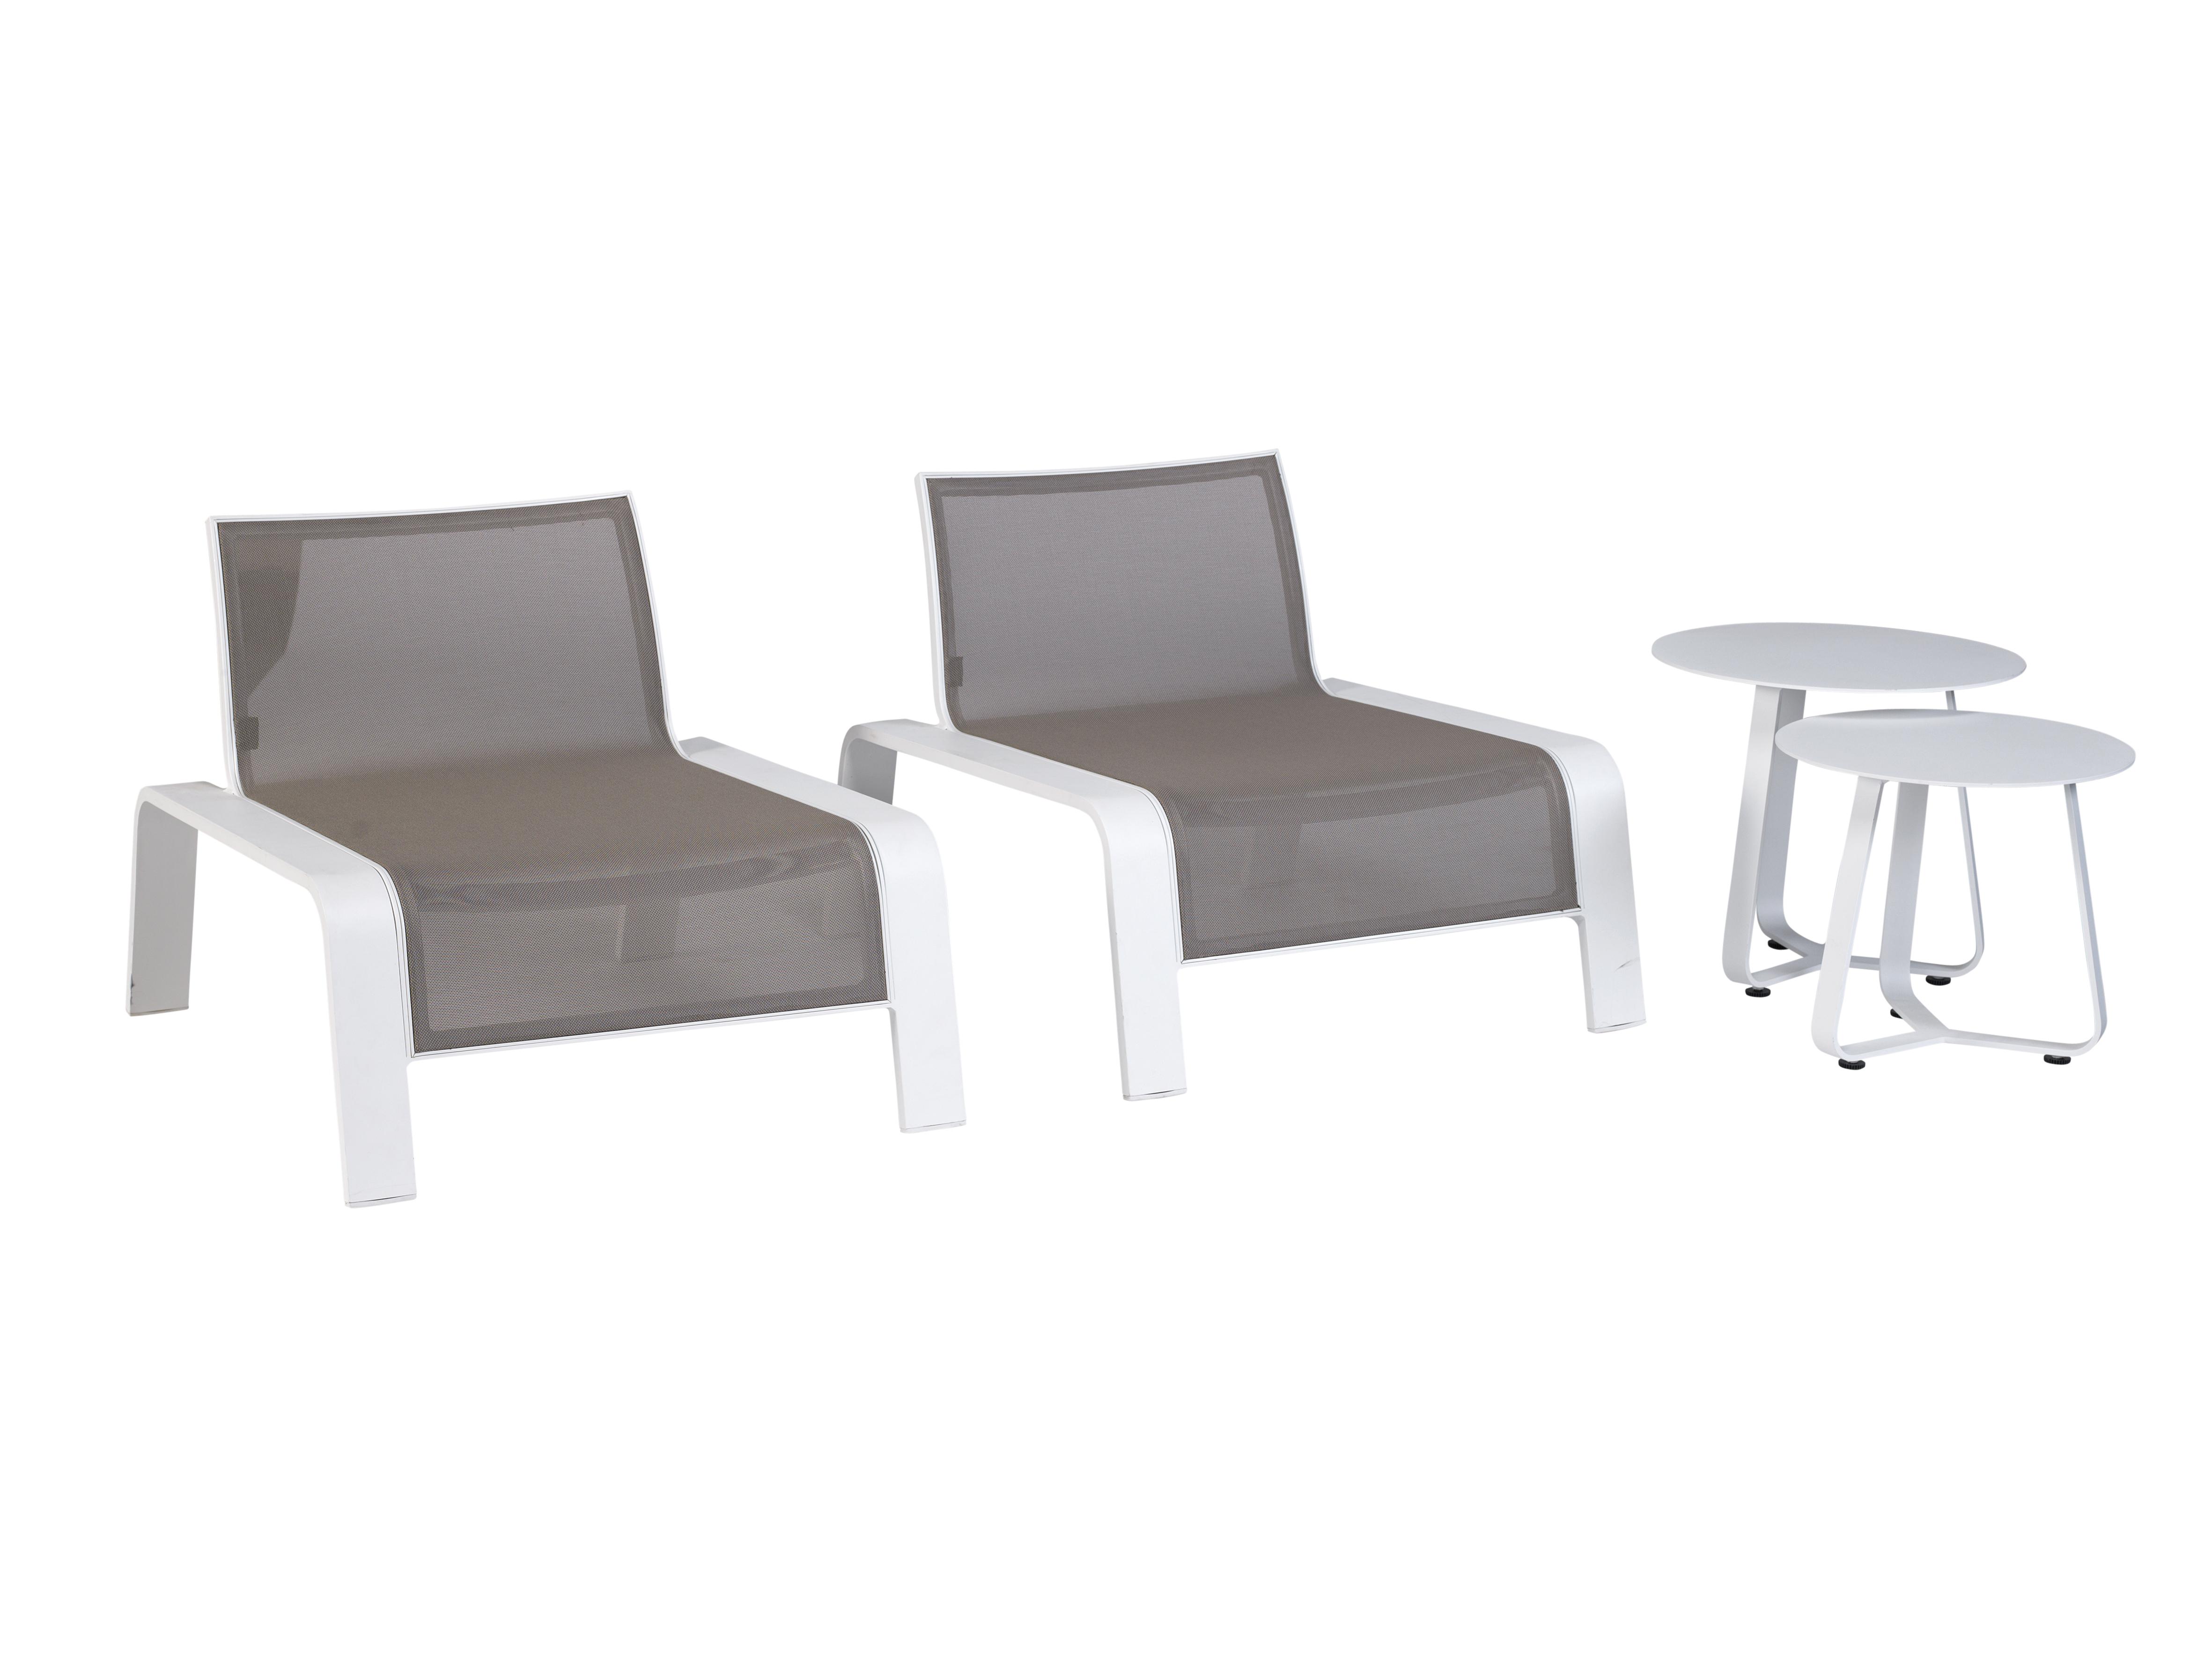 Tuinmeubelen loungeset kopen online internetwinkel - Tuinmeubelen laag aluminium ...